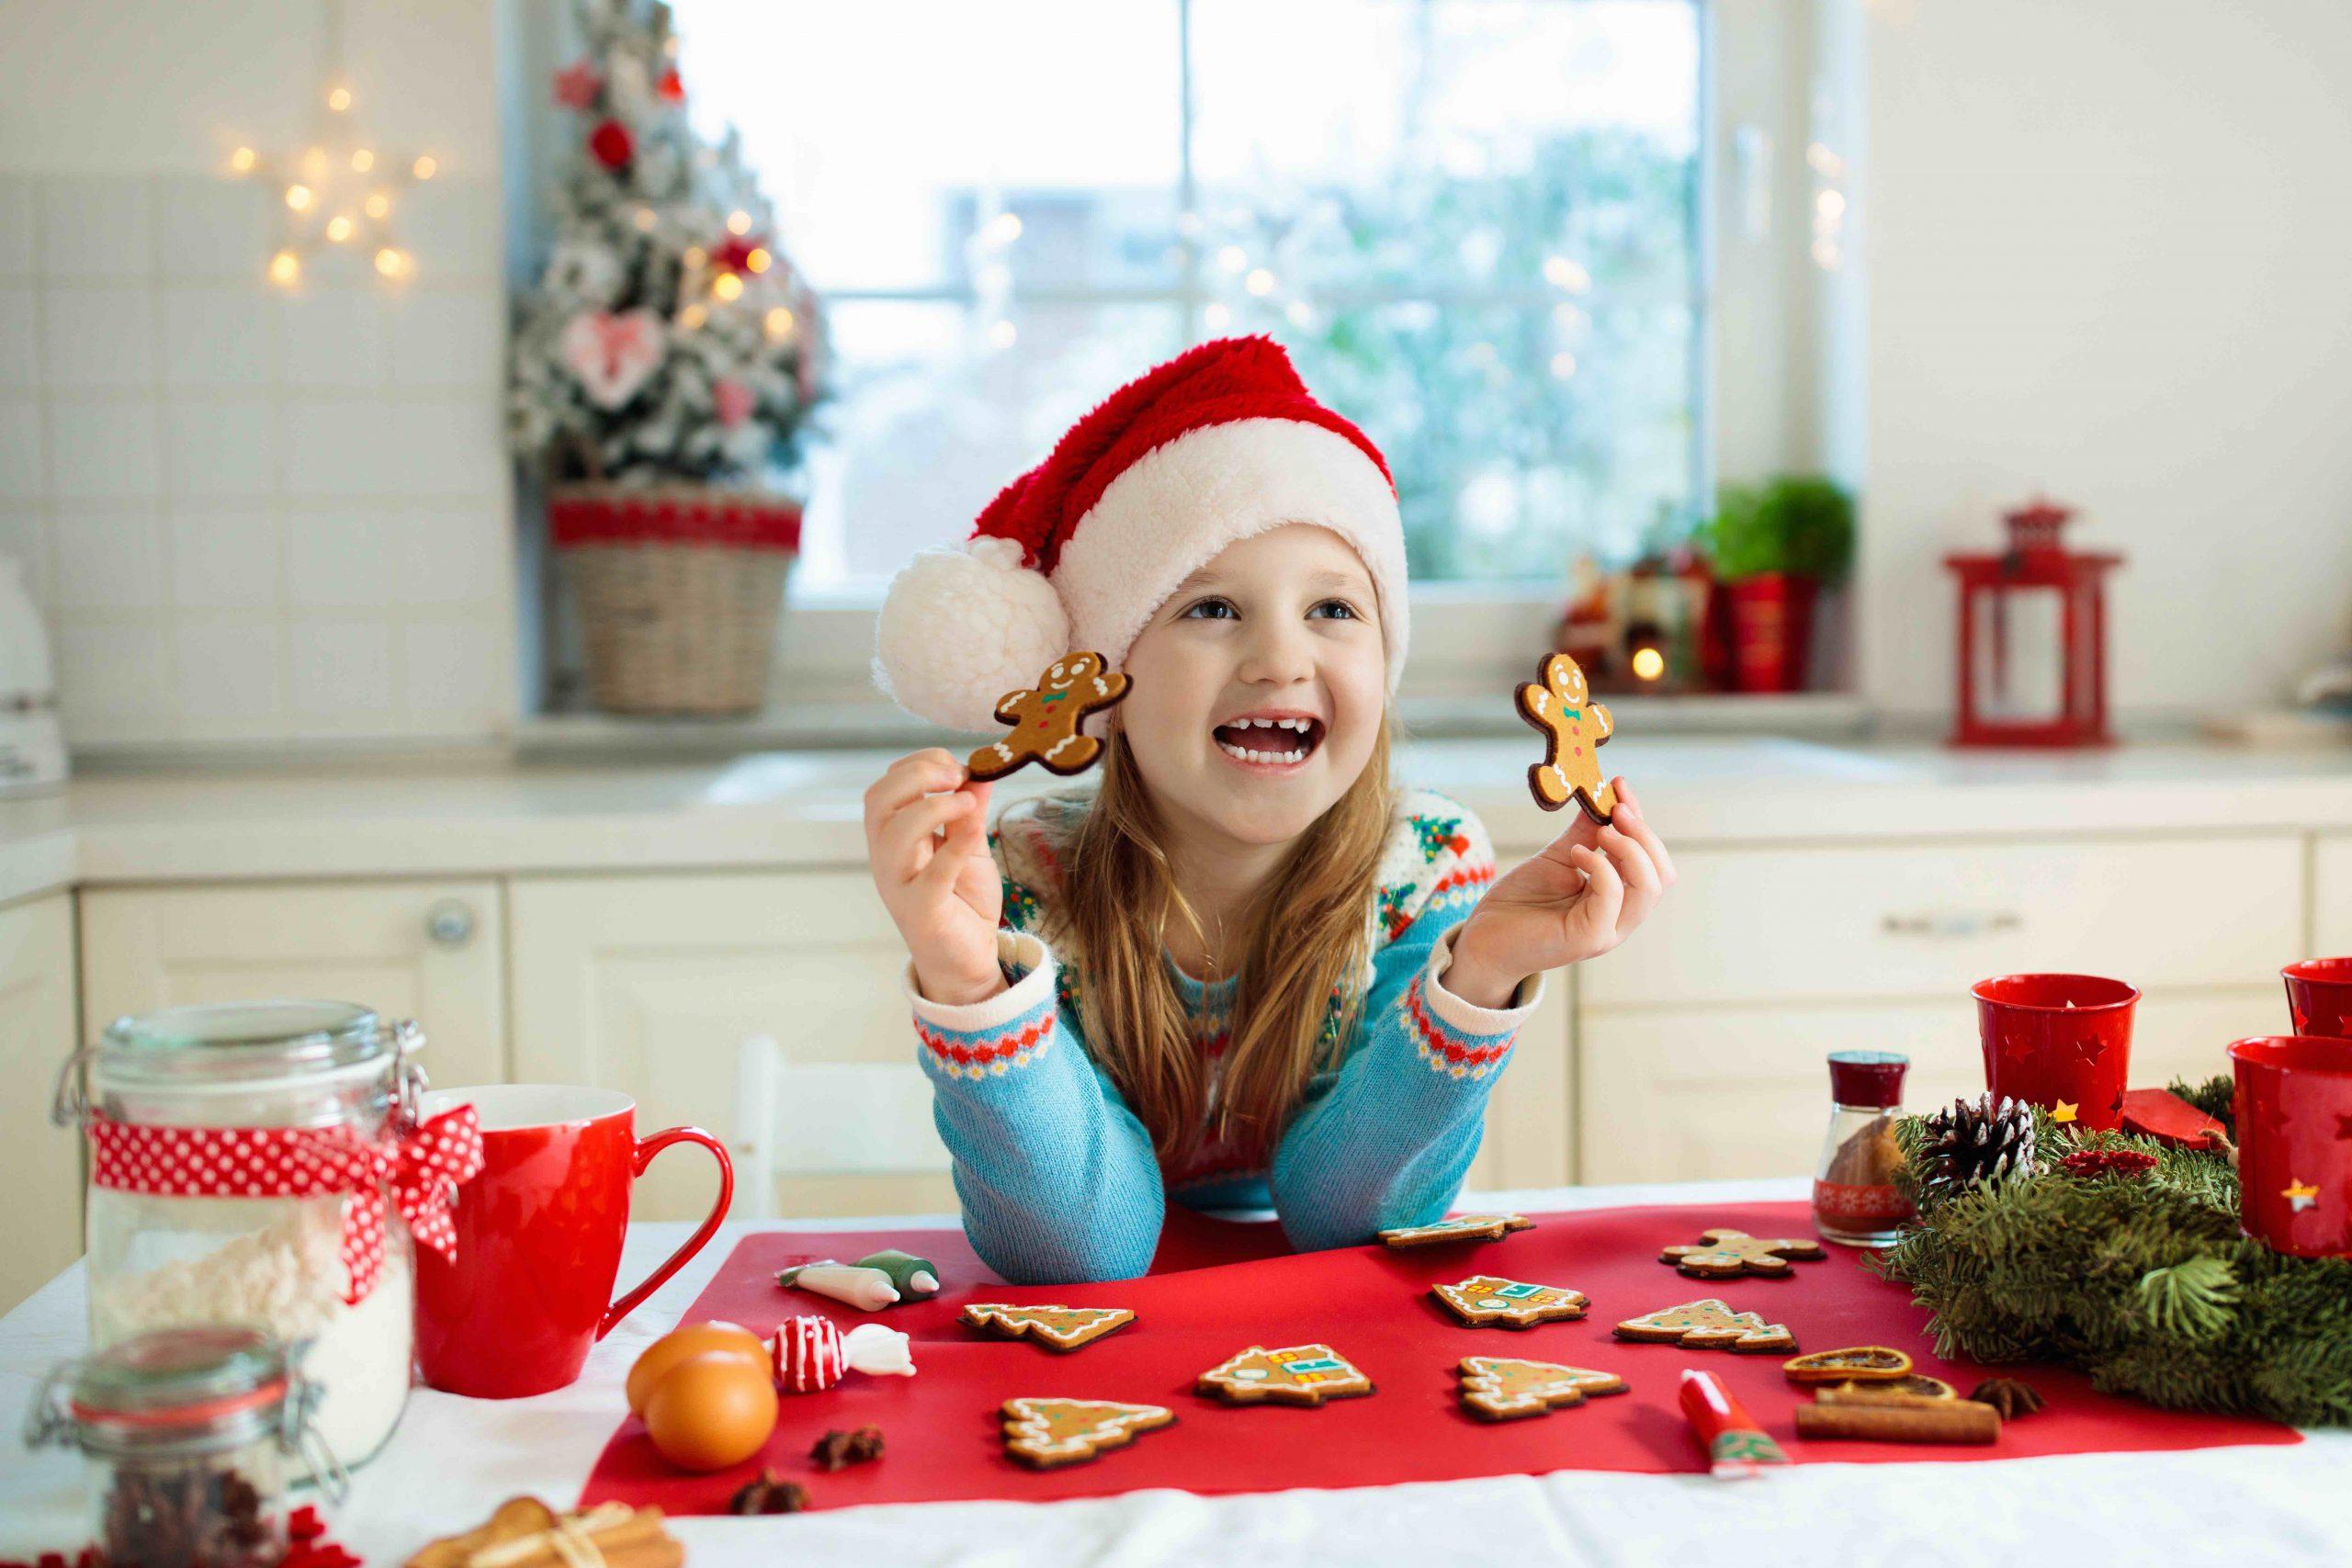 Kinder backen Weihnachtsplätzchen. Kind mit Weihnachtsmütze kocht, dekoriert Lebkuchenmann für Weihnachtsfeier. Familie bereitet an einem verschneiten Wintertag Süßigkeiten in weißer Küche mit Weihnachtsbaum zu.